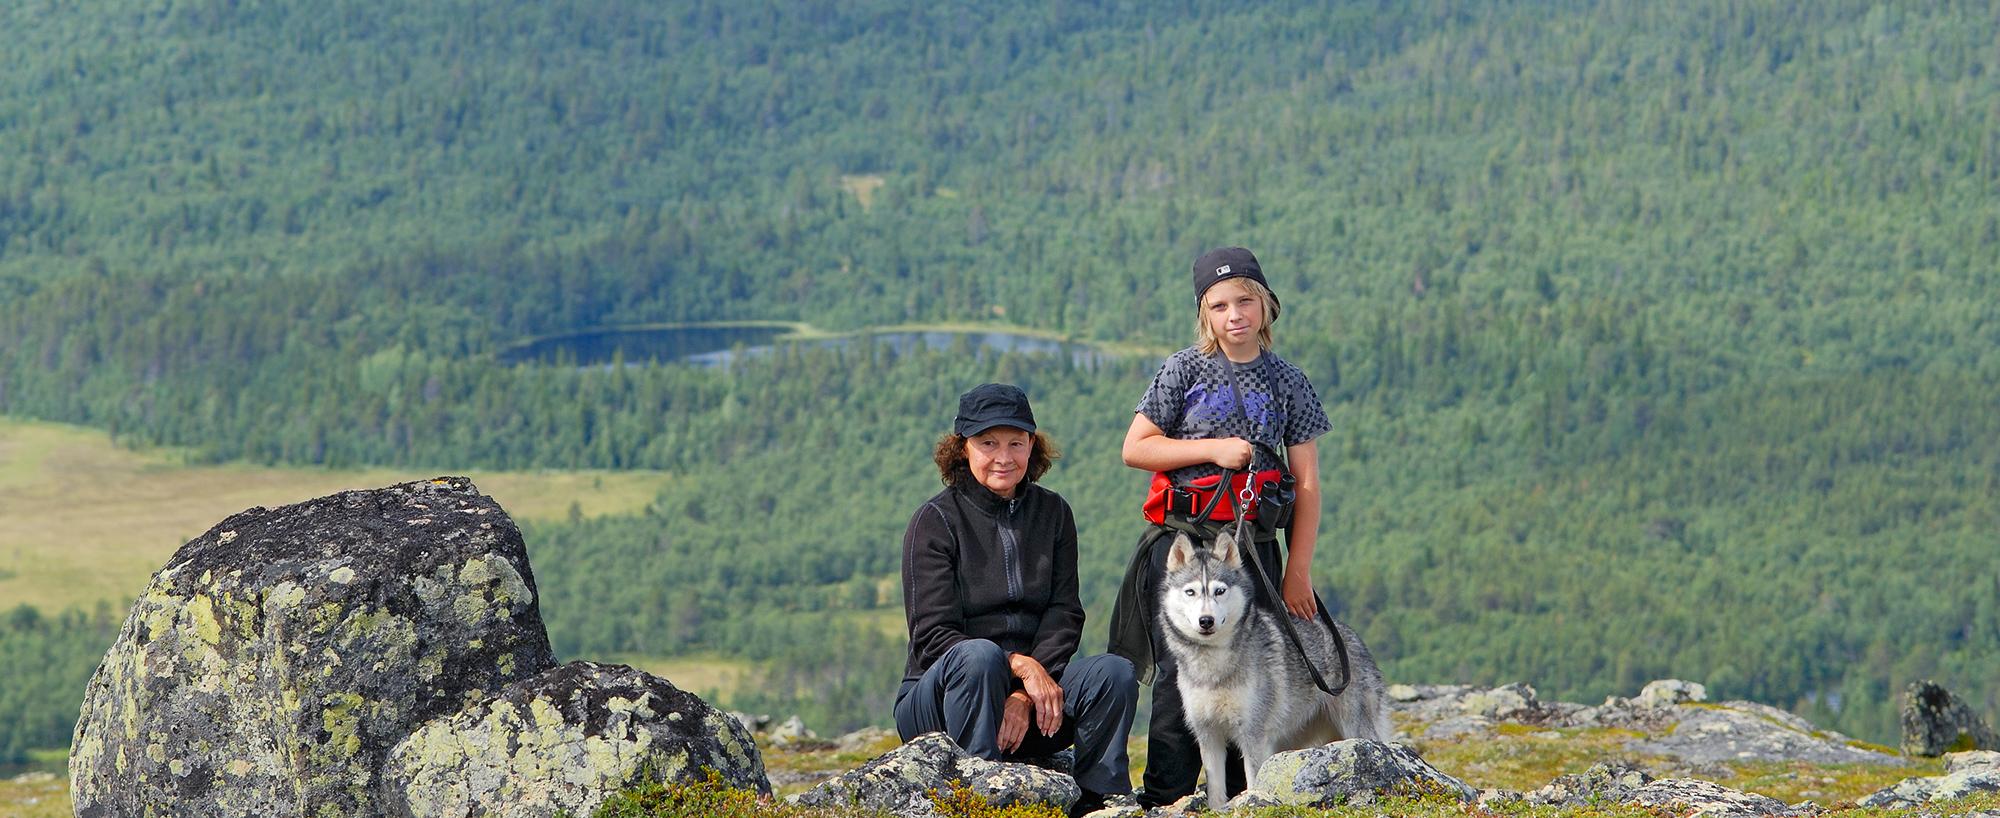 Kvinna, Pojke Och Hund Rastar På Middagsvalens Topp. En Fjällupplevelse I Världsklass I Södra Årefjällen.